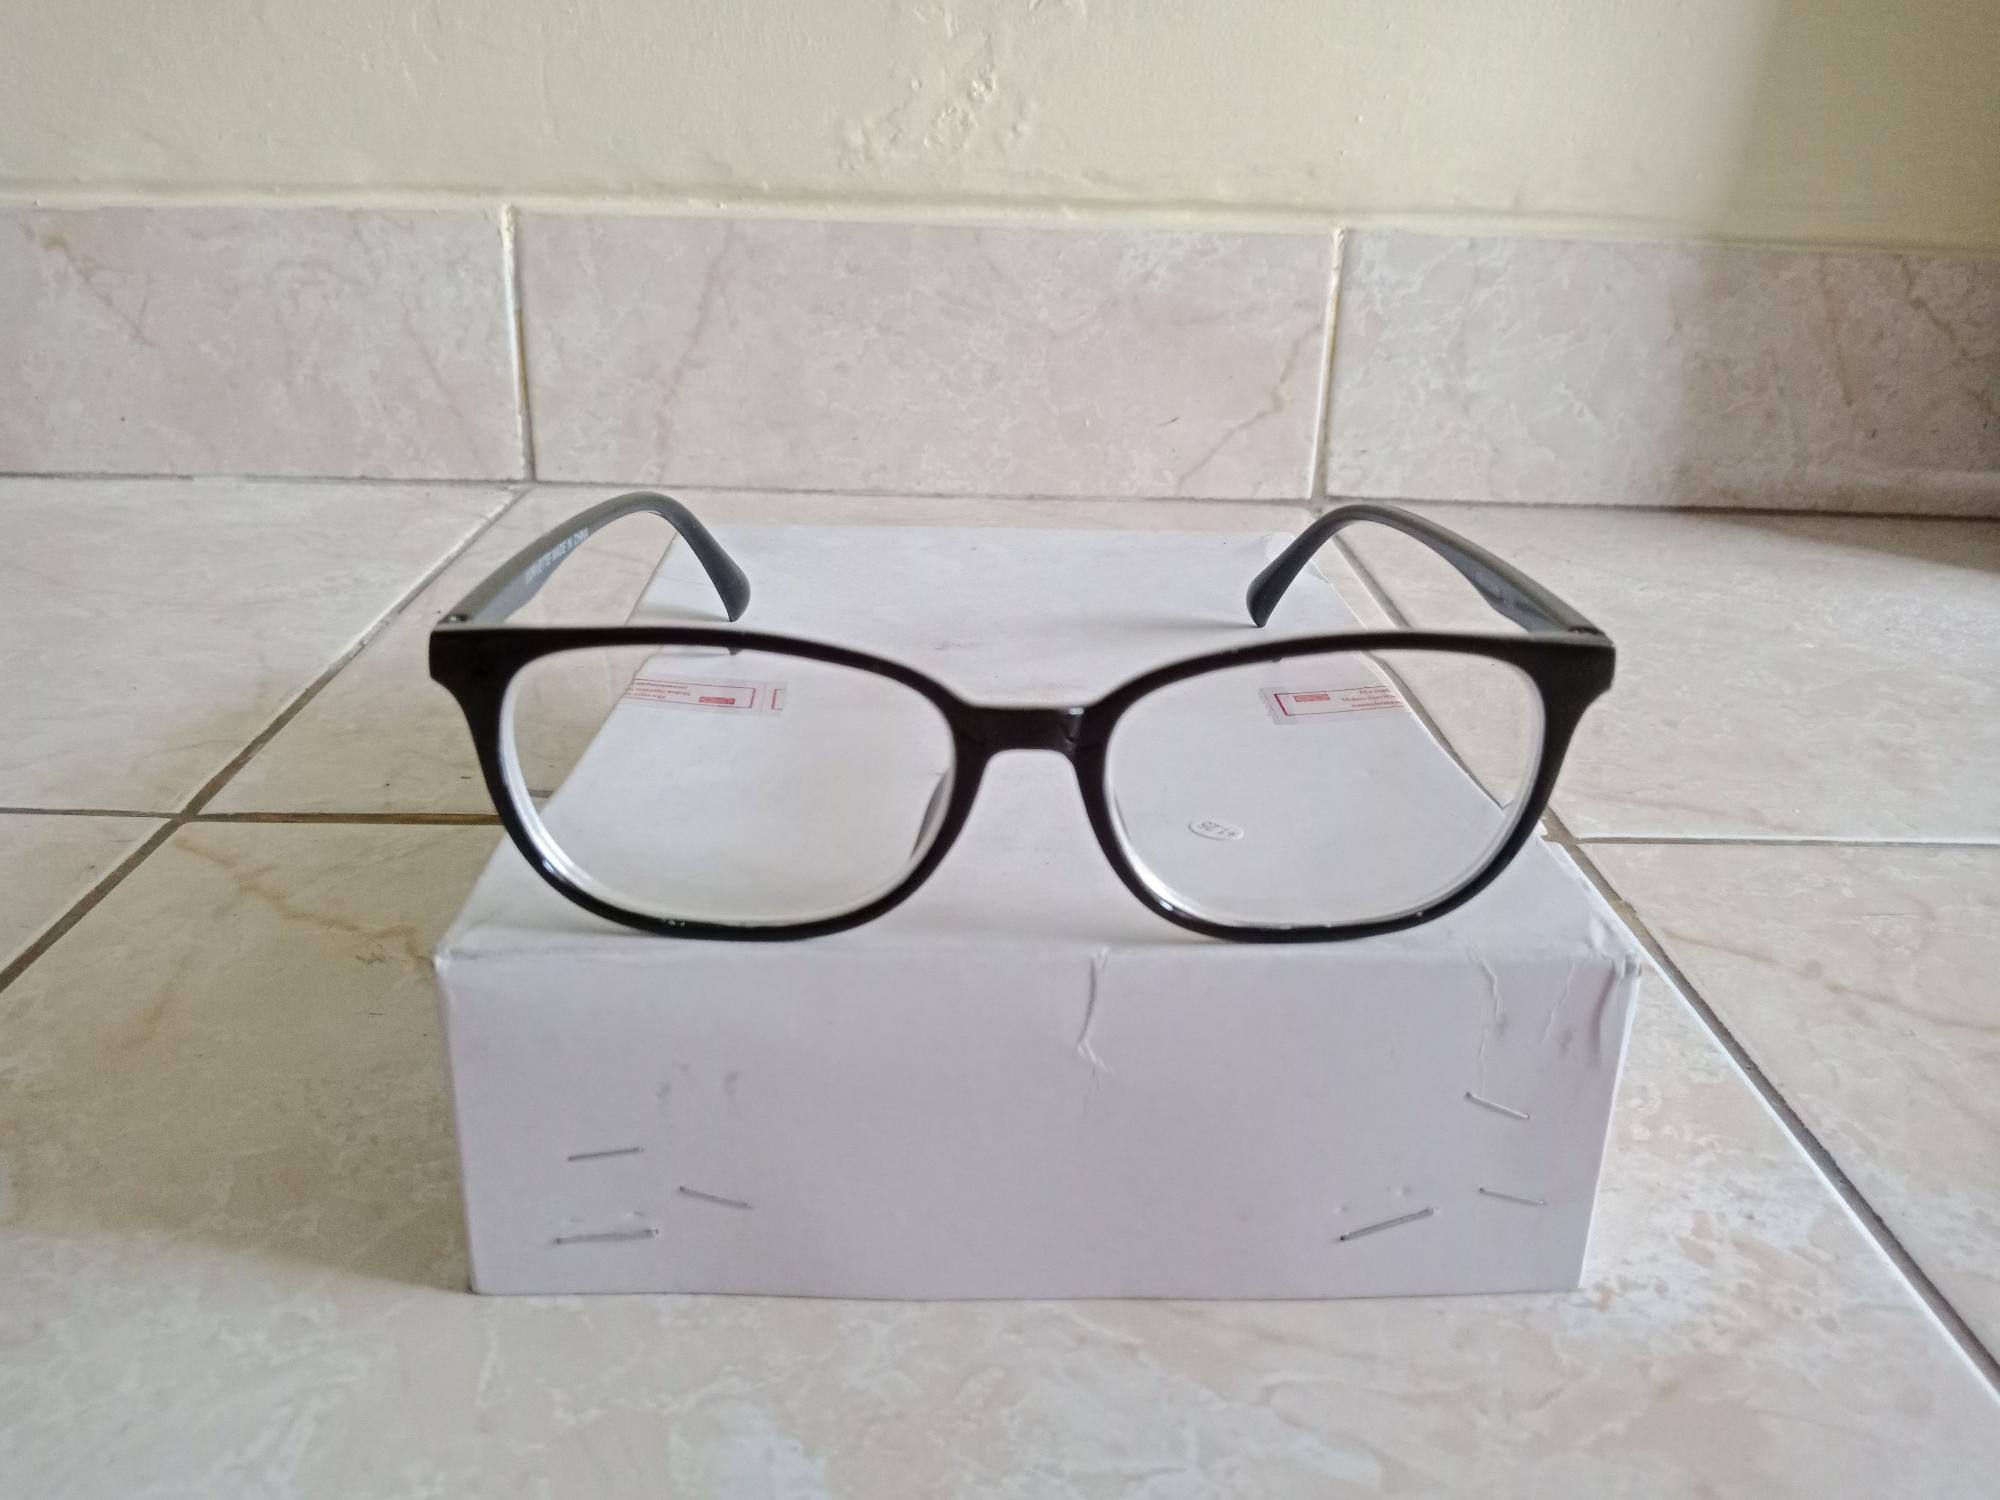 Promo Kacamata Minus 200 Kacamata Baca Murah Persegi Hitam Trendy ... 0719f3dc4c